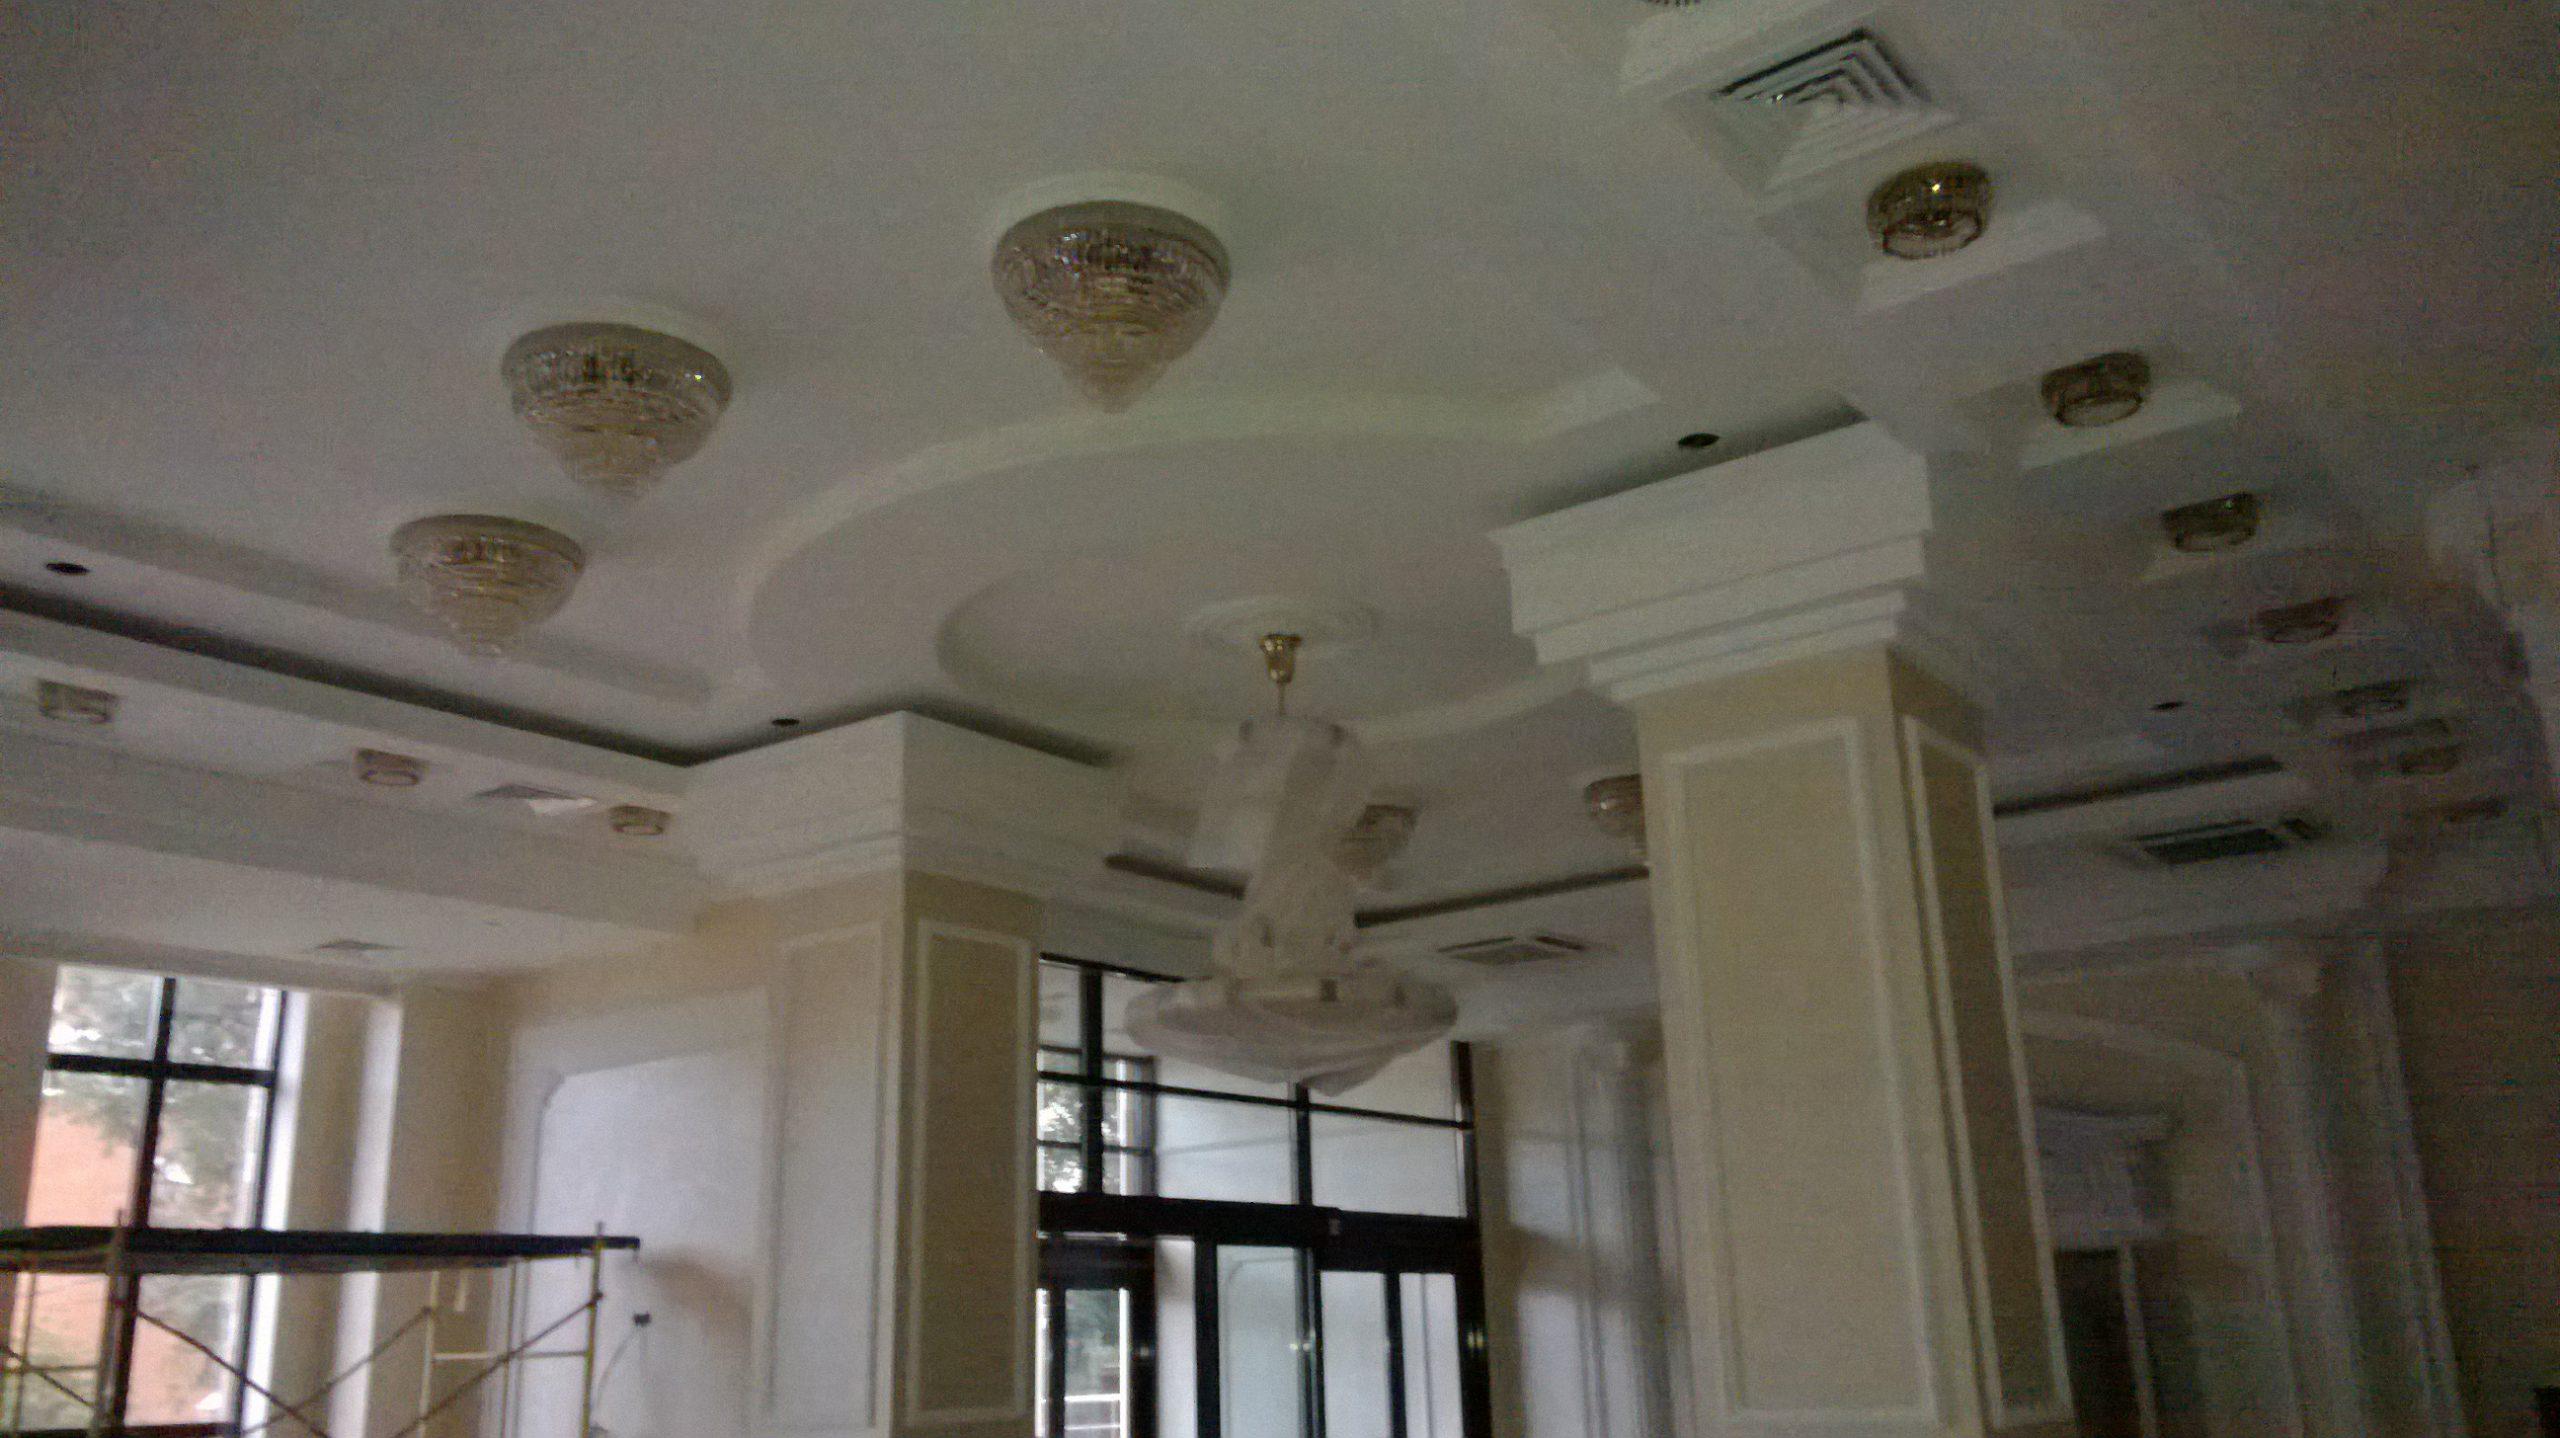 Ресторан «Апраксин» — многоуровневый потолок, монтаж светильников